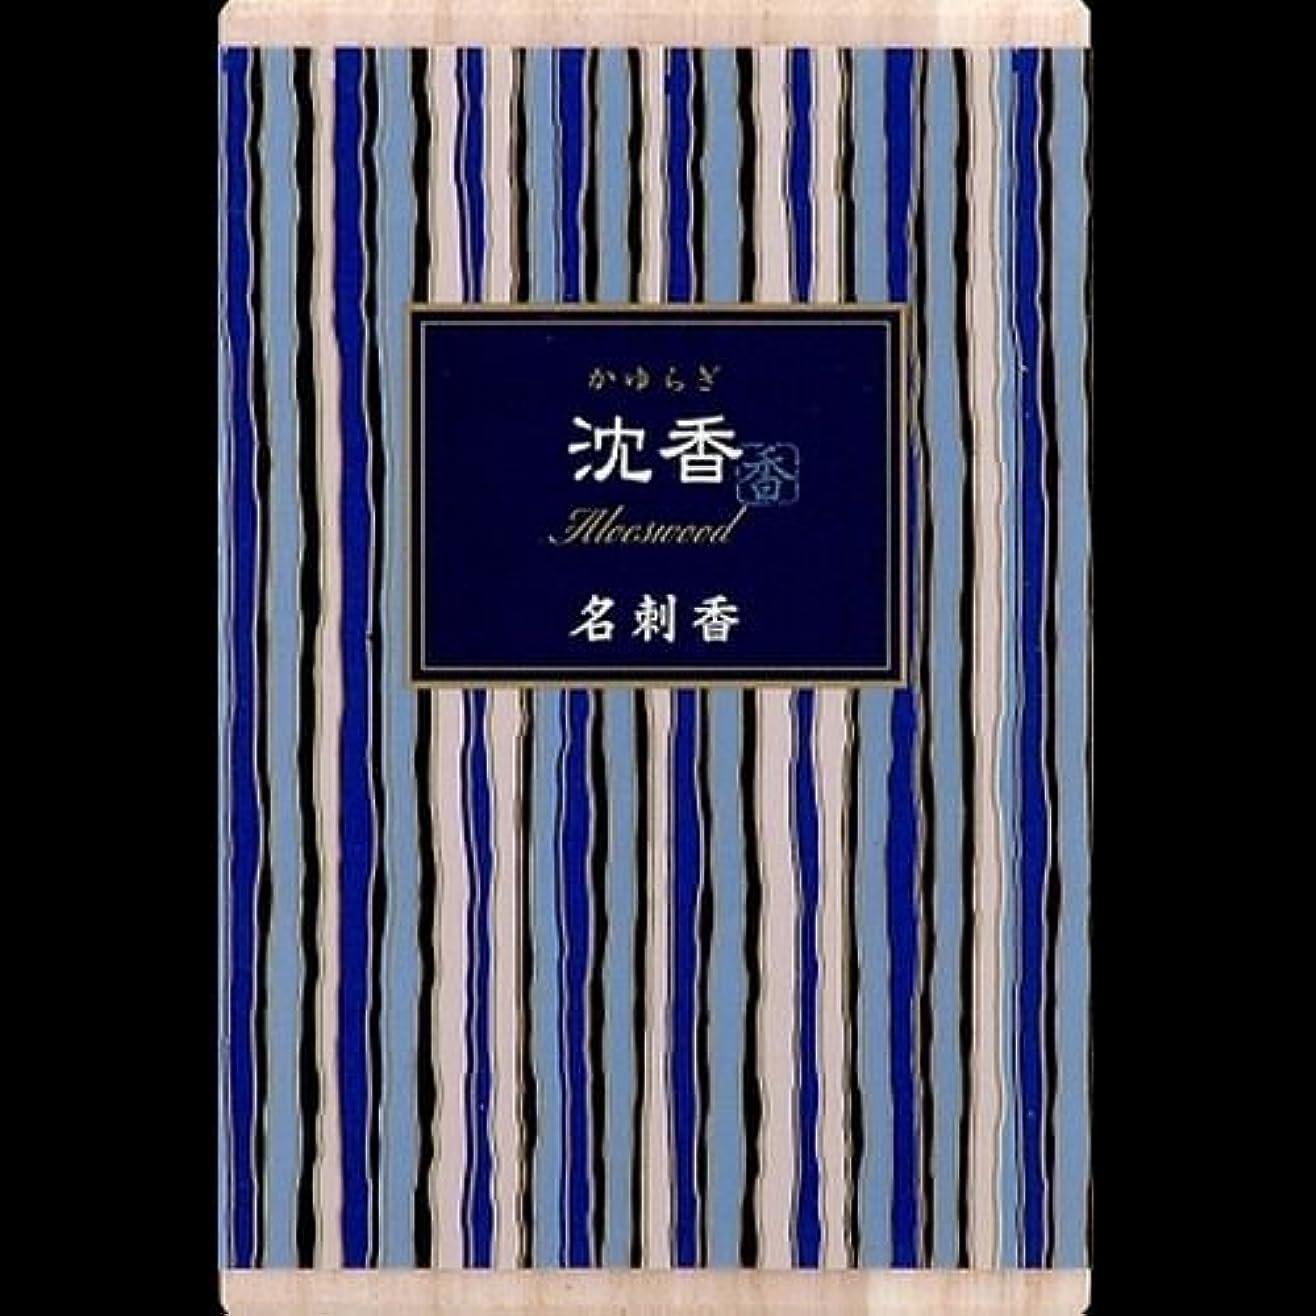 時代水陸両用心から【まとめ買い】かゆらぎ 沈香 名刺香 桐箱 6入 ×2セット